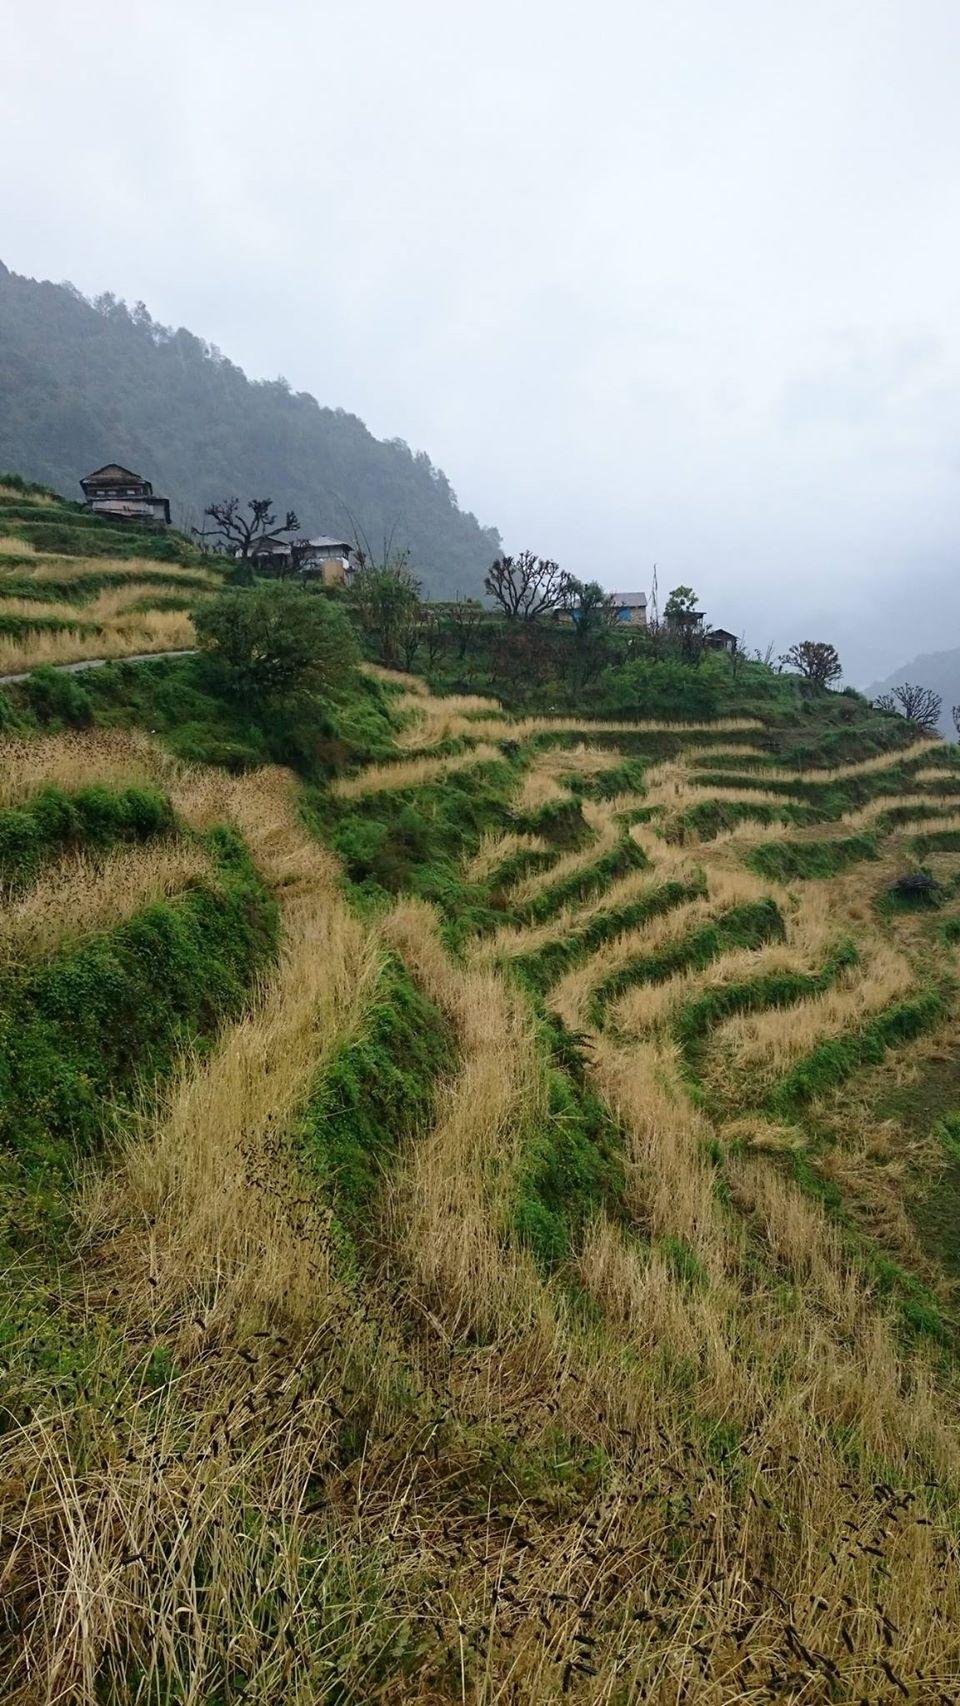 Ngang qua cánh đồng lúa mạch đang độ chín vàng.